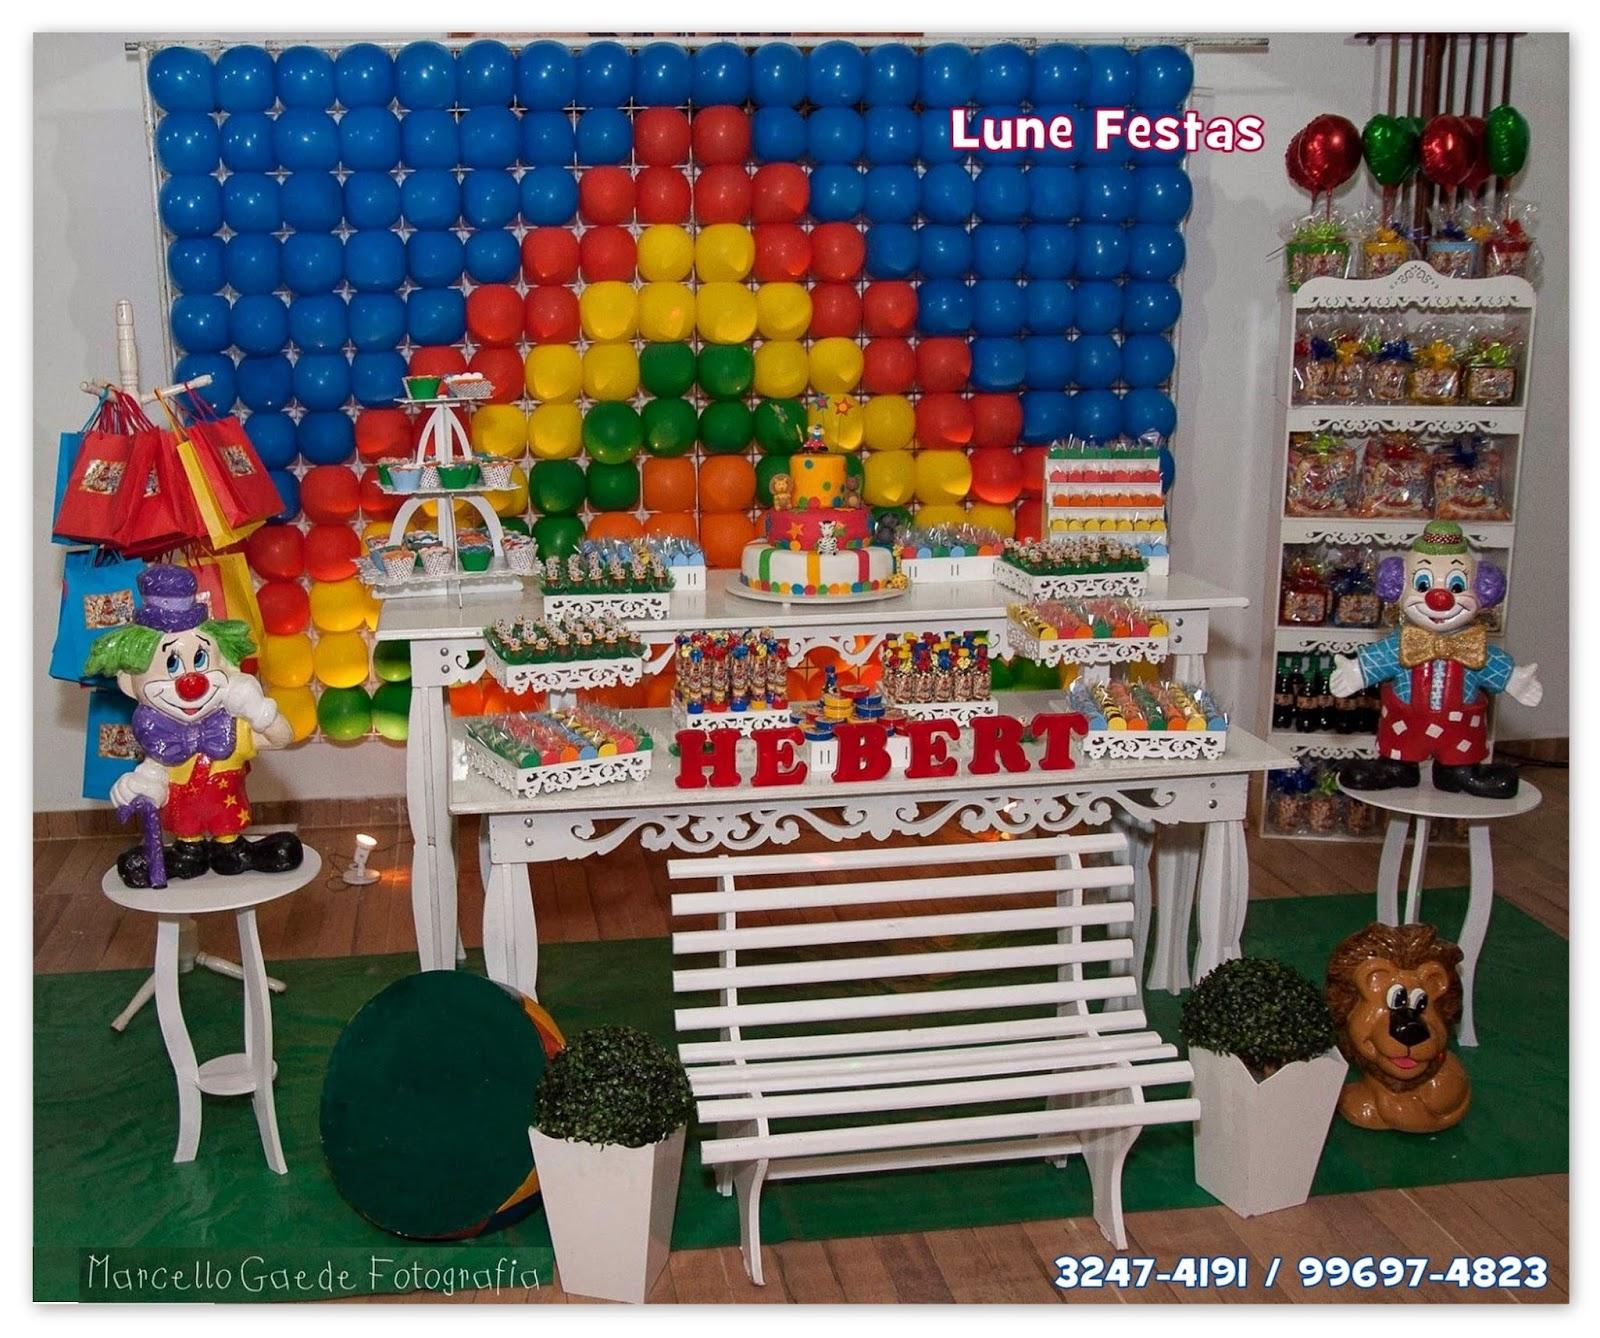 Lune Festas São Gonçalo RJ: O Circo do Lune Festas Decoração  #053D7C 1600x1338